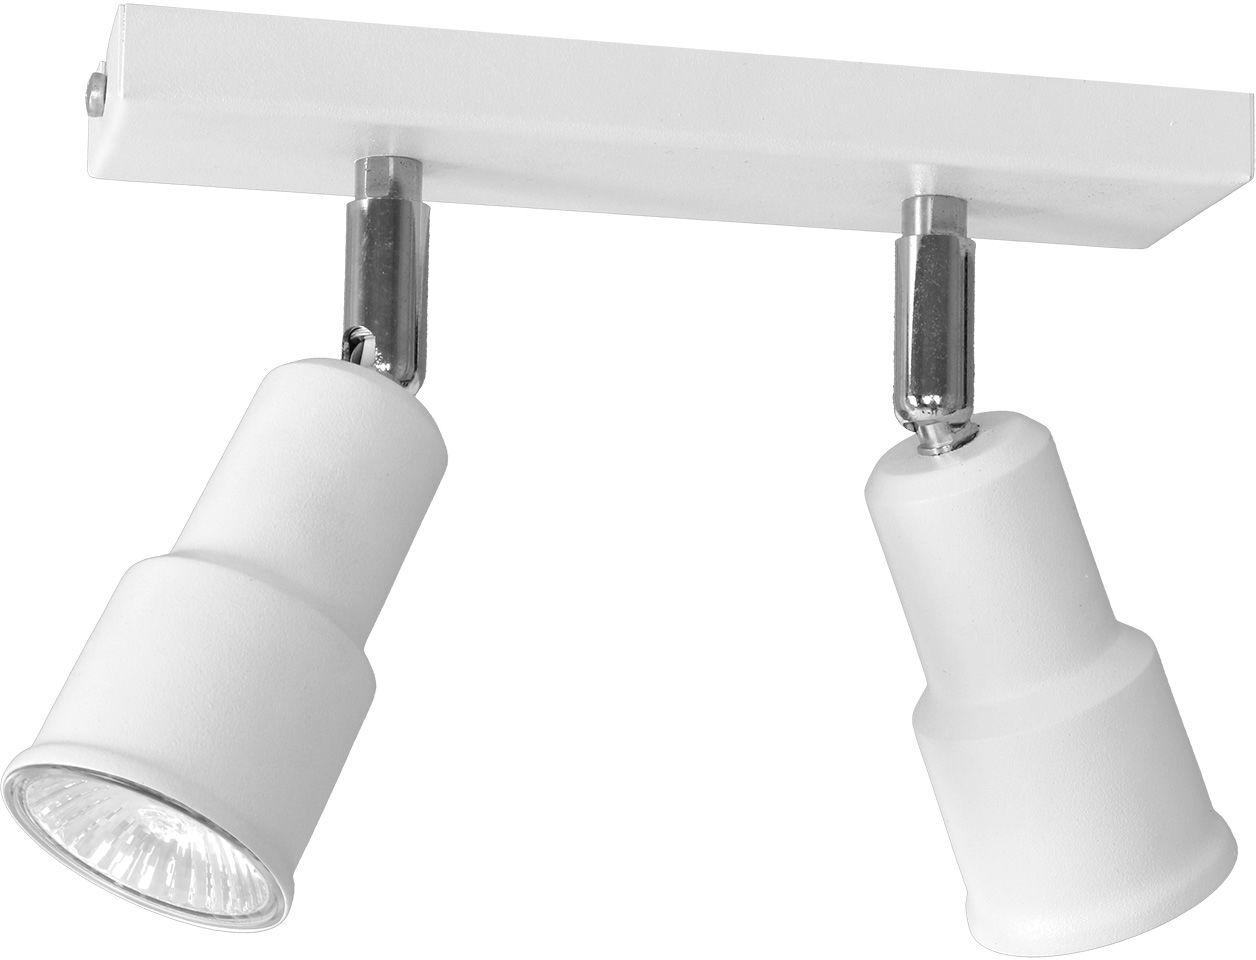 Listwa sufitowa ASPO 985PL/H Aldex nowoczesna biała listwa sufitowa